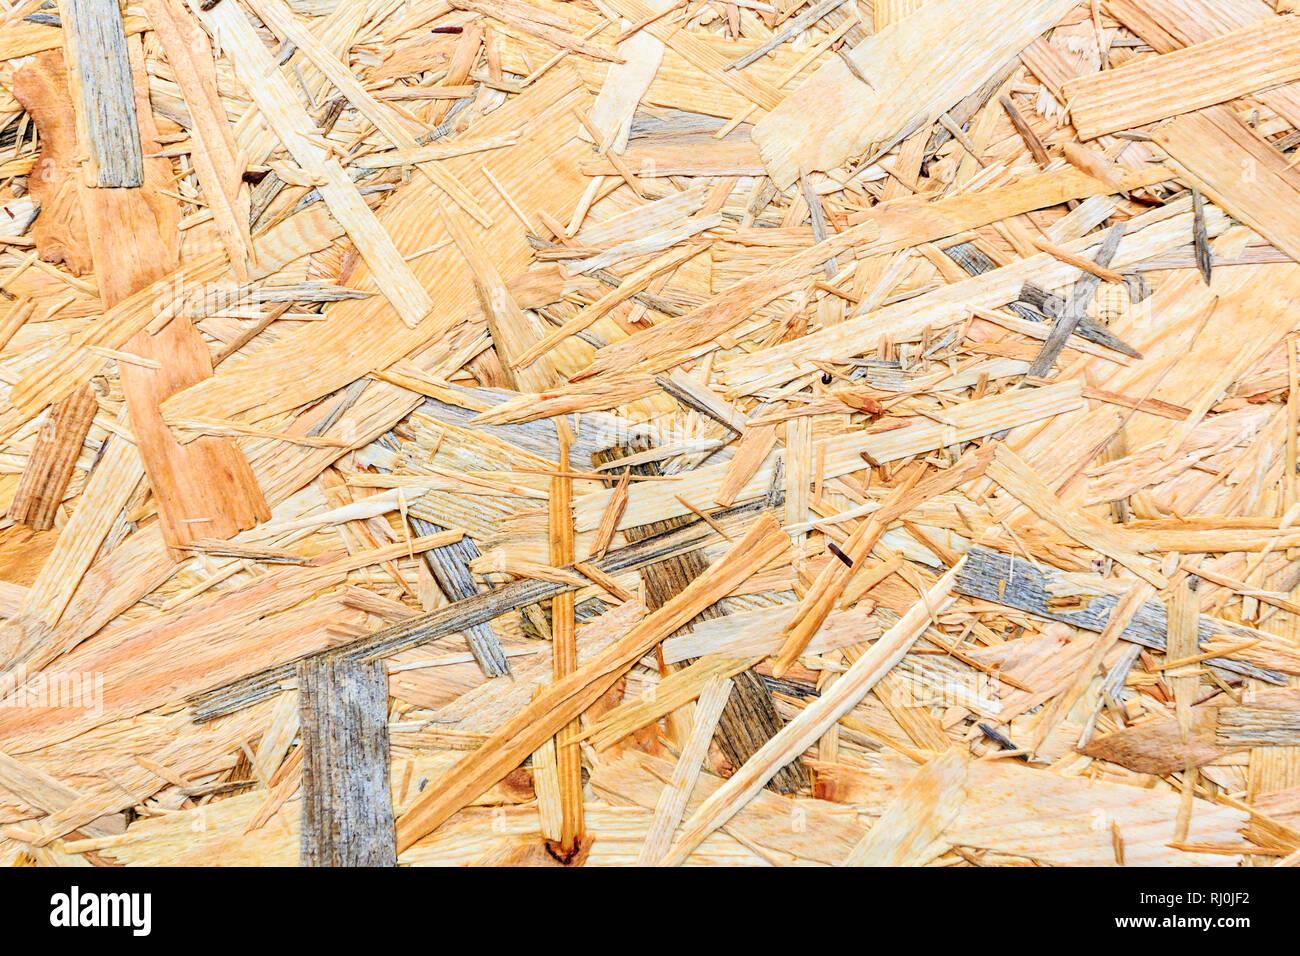 Pannelli Di Legno Osb texture di legno compensato. osb pannello di legno per la